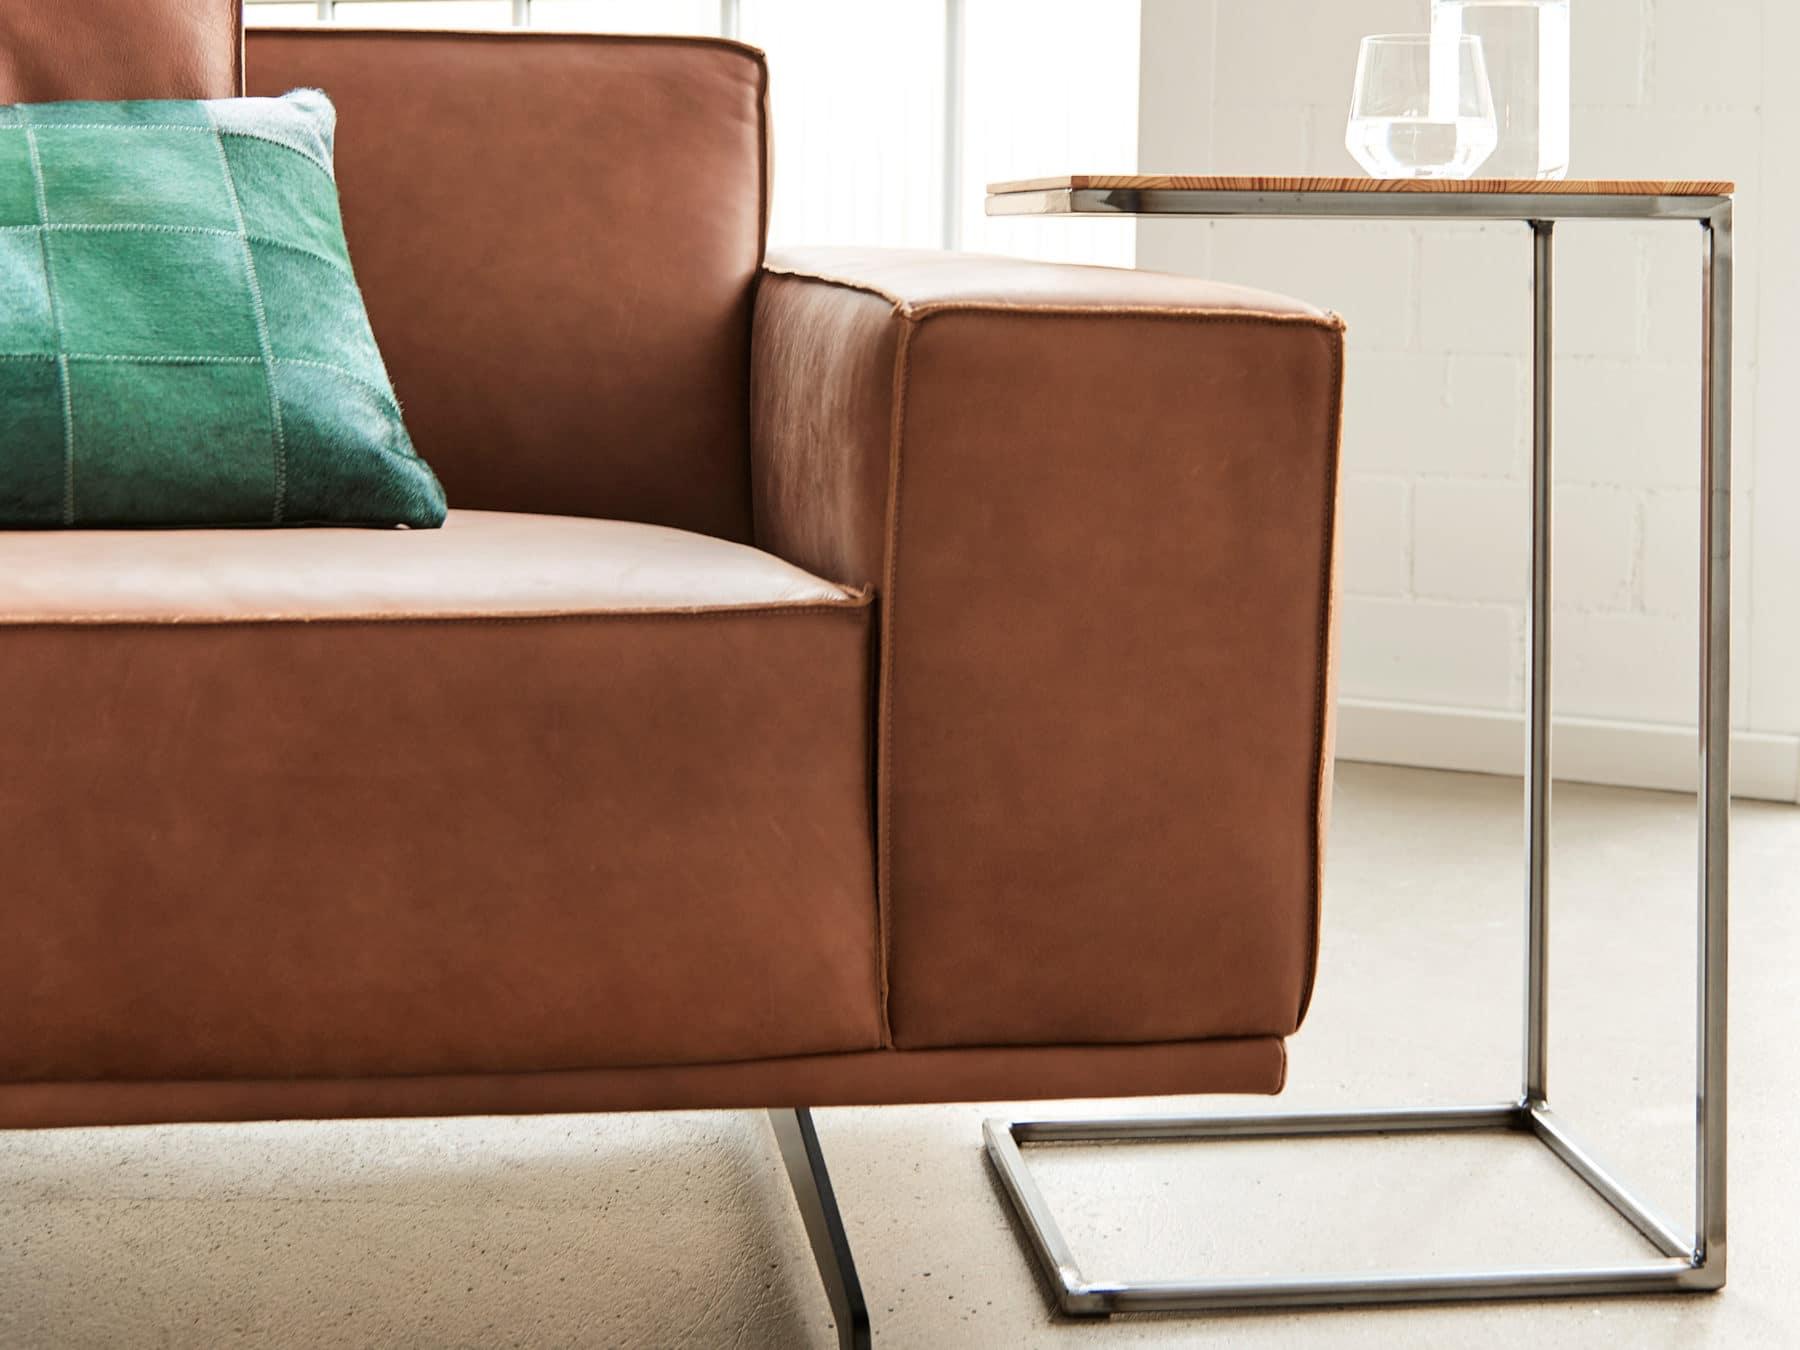 Beistelltisch emillion weinkiste uniqamo KURTS handmade swissmade sofa